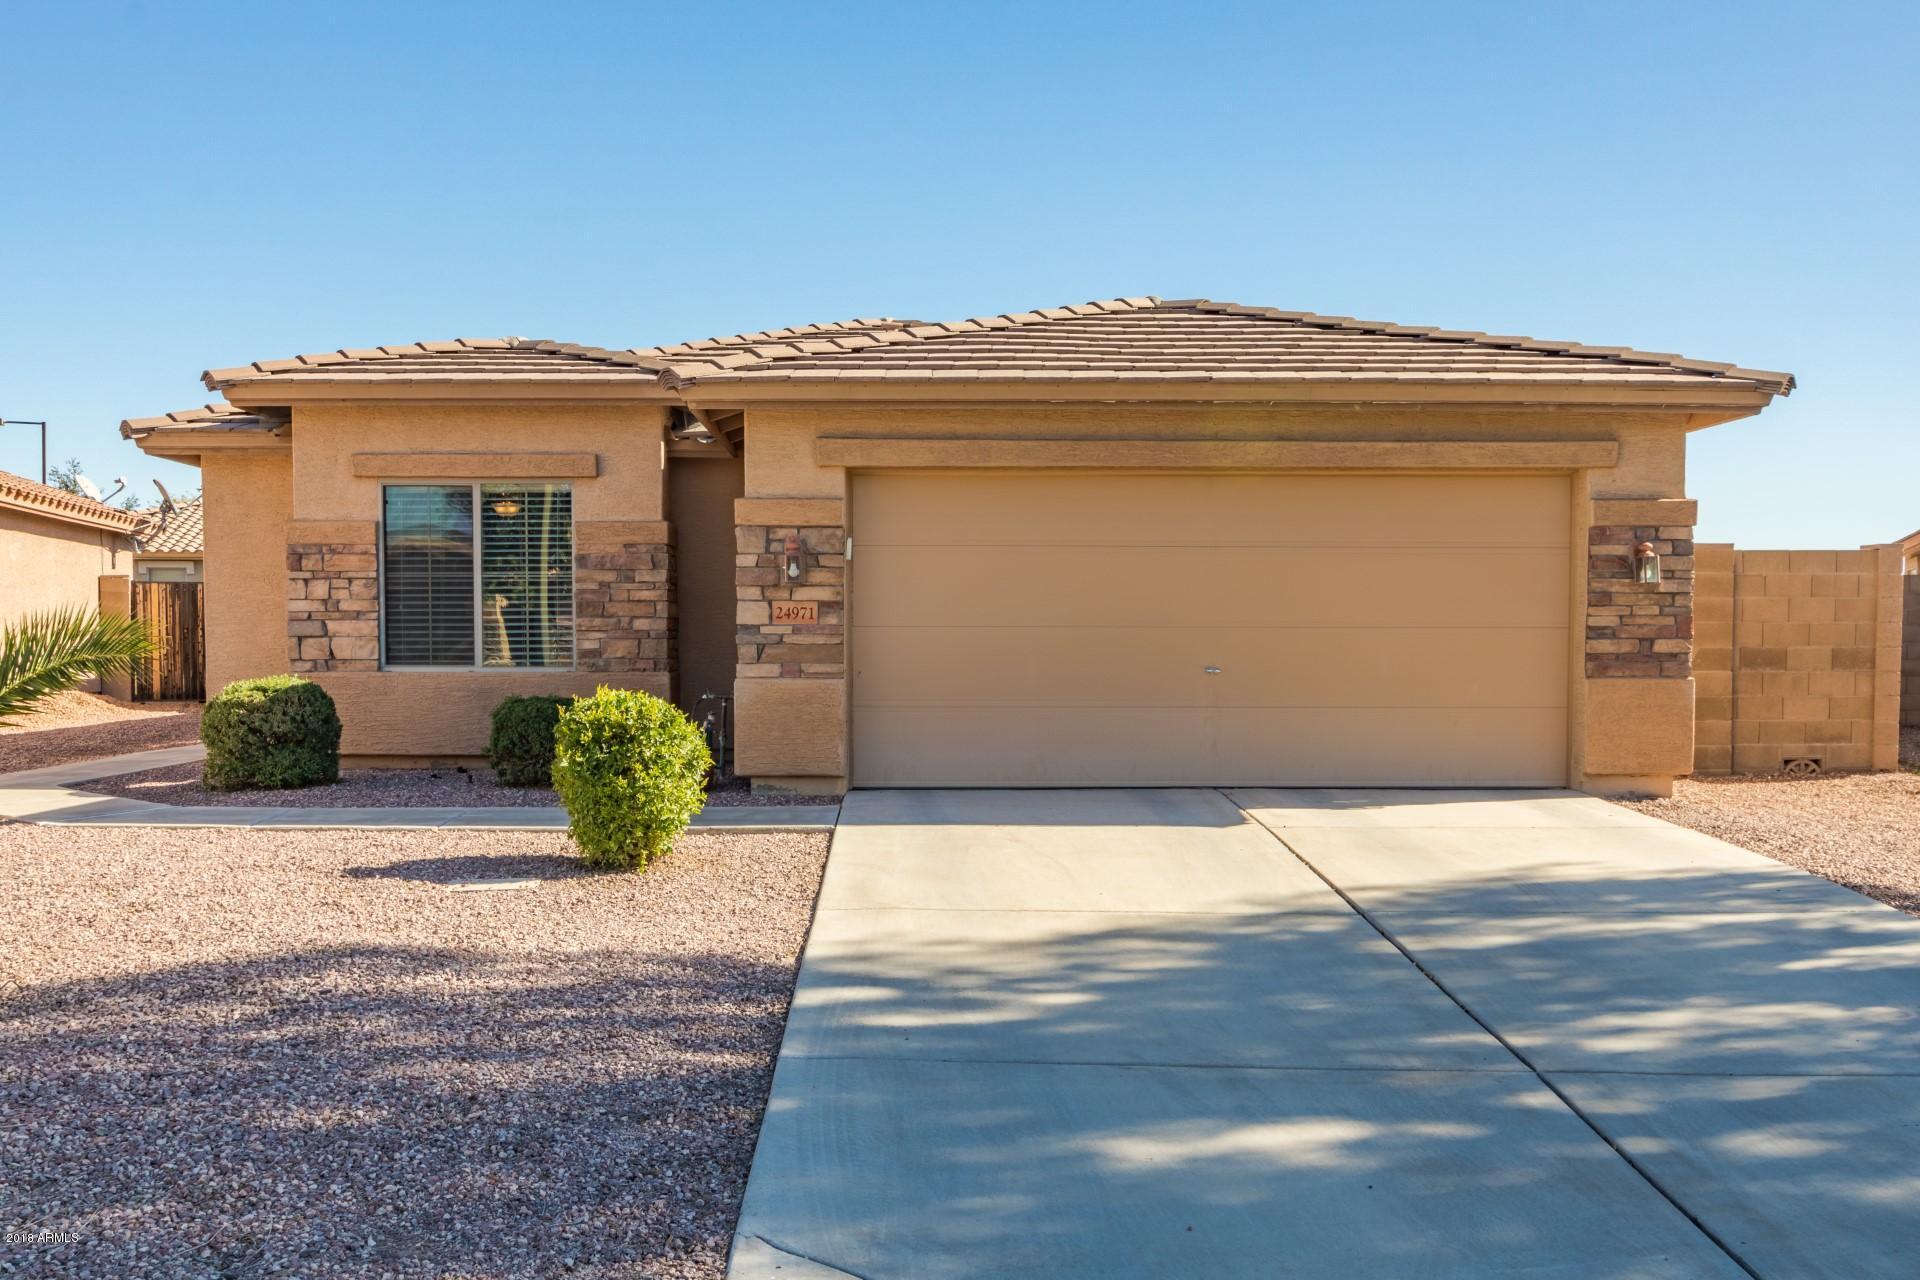 24971 W DOVE MESA Drive Buckeye, AZ 85326 - MLS #: 5851931